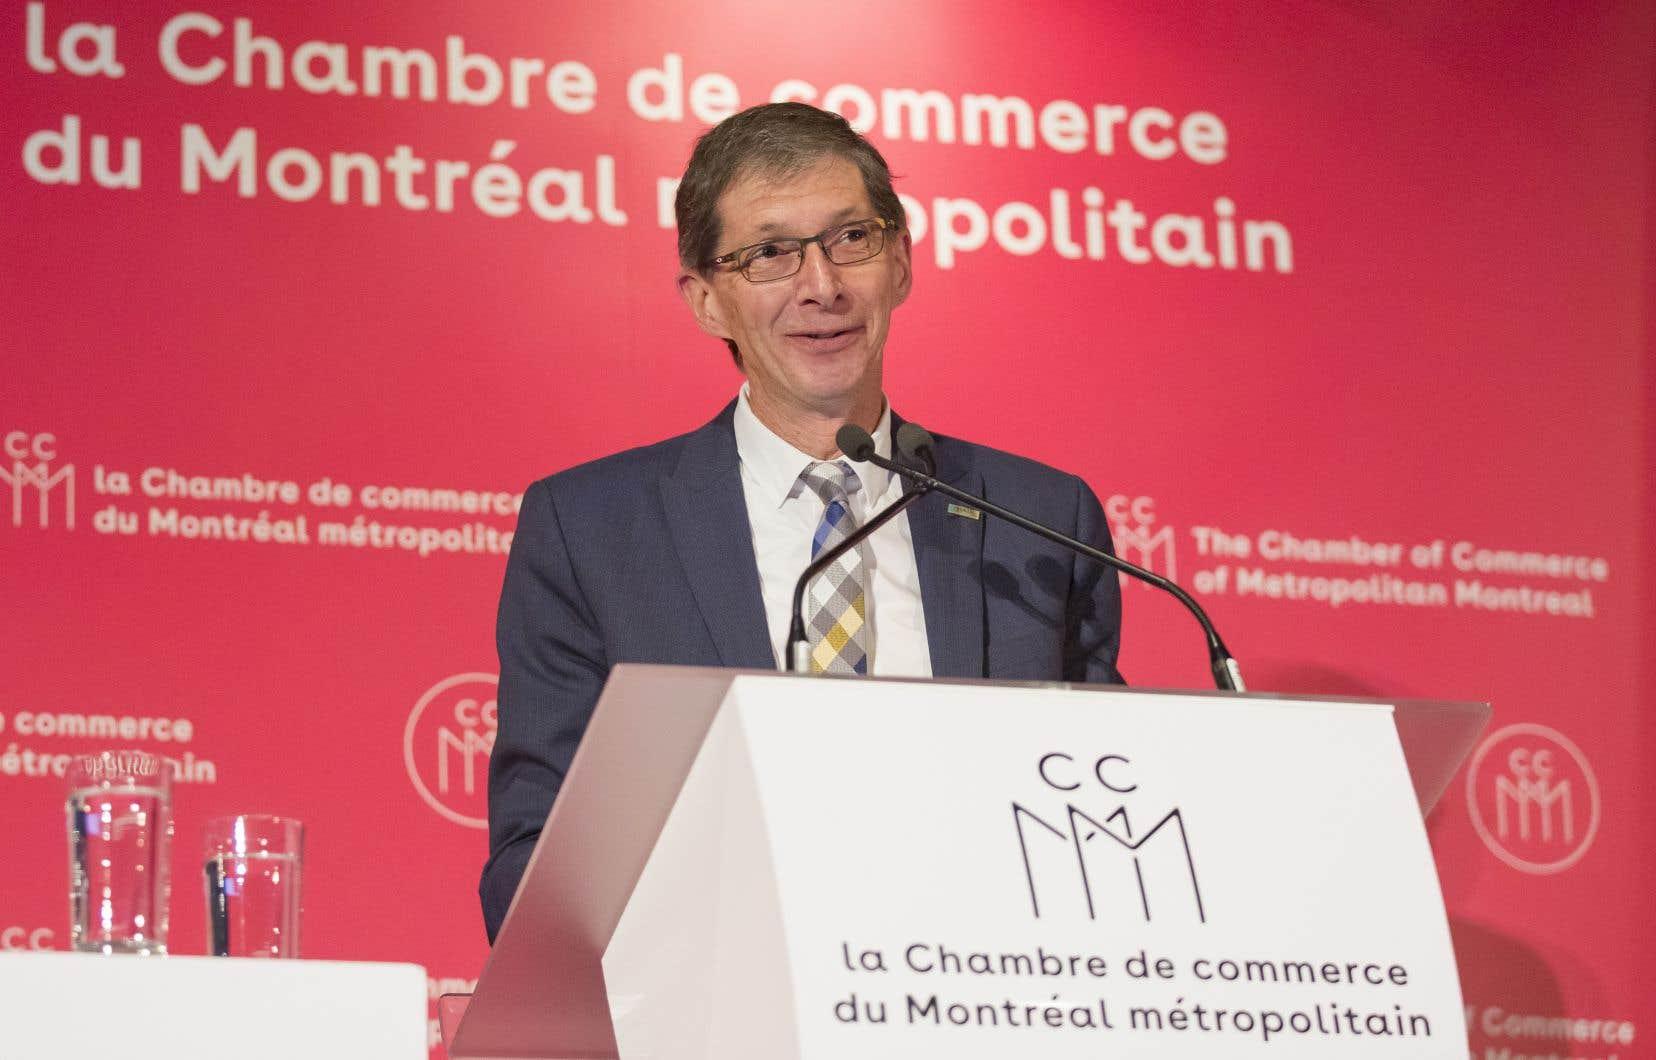 «À la cadence où vont les choses, j'ai bon espoir que notre cible d'investissement sera atteinte», a déclaré au «Devoir» vendredi le président et chef de la direction du Fonds FTQ, Gaétan Morin, en marge d'une conférence devant près de 400 membres de la Chambre de commerce du Montréal métropolitain.